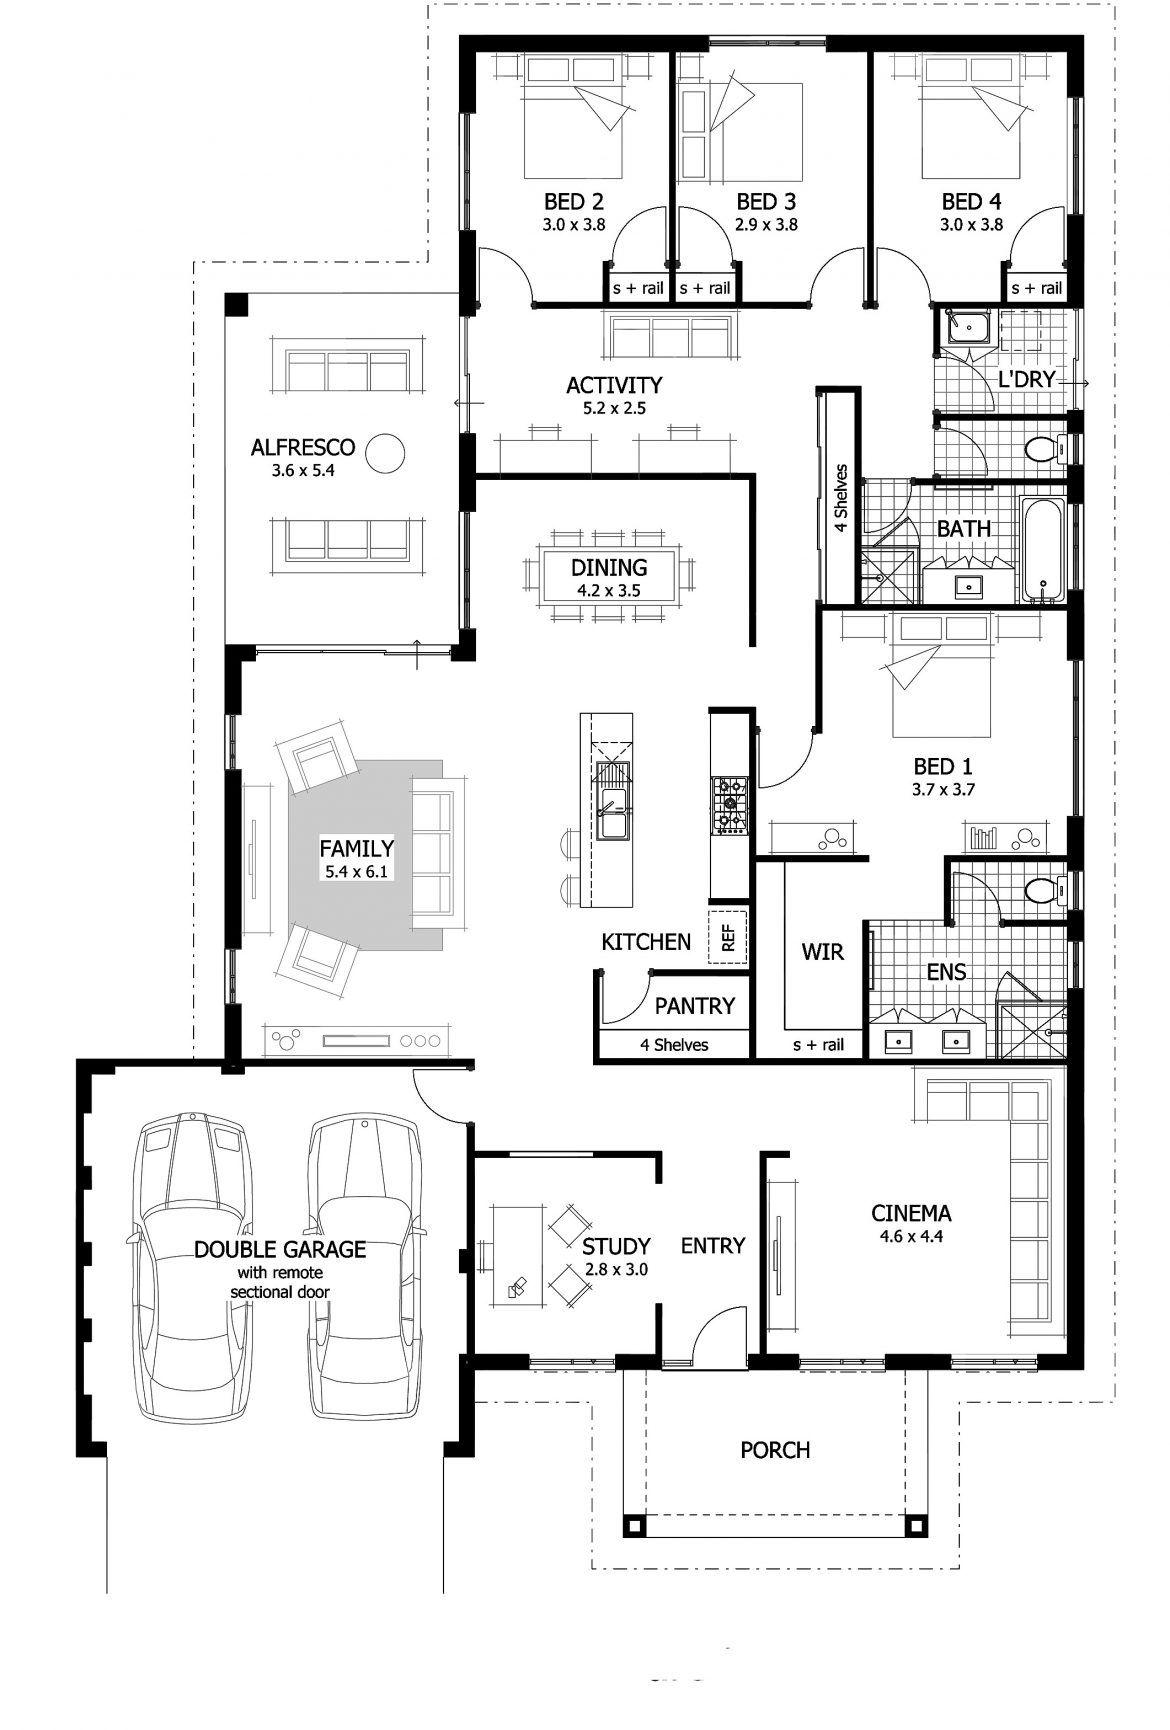 Australian Houses 4 Bedroom Modern Home House Plans Australia 4 Bedroom House Plans House Floor House Plans House Plans Australia House Plans With Photos